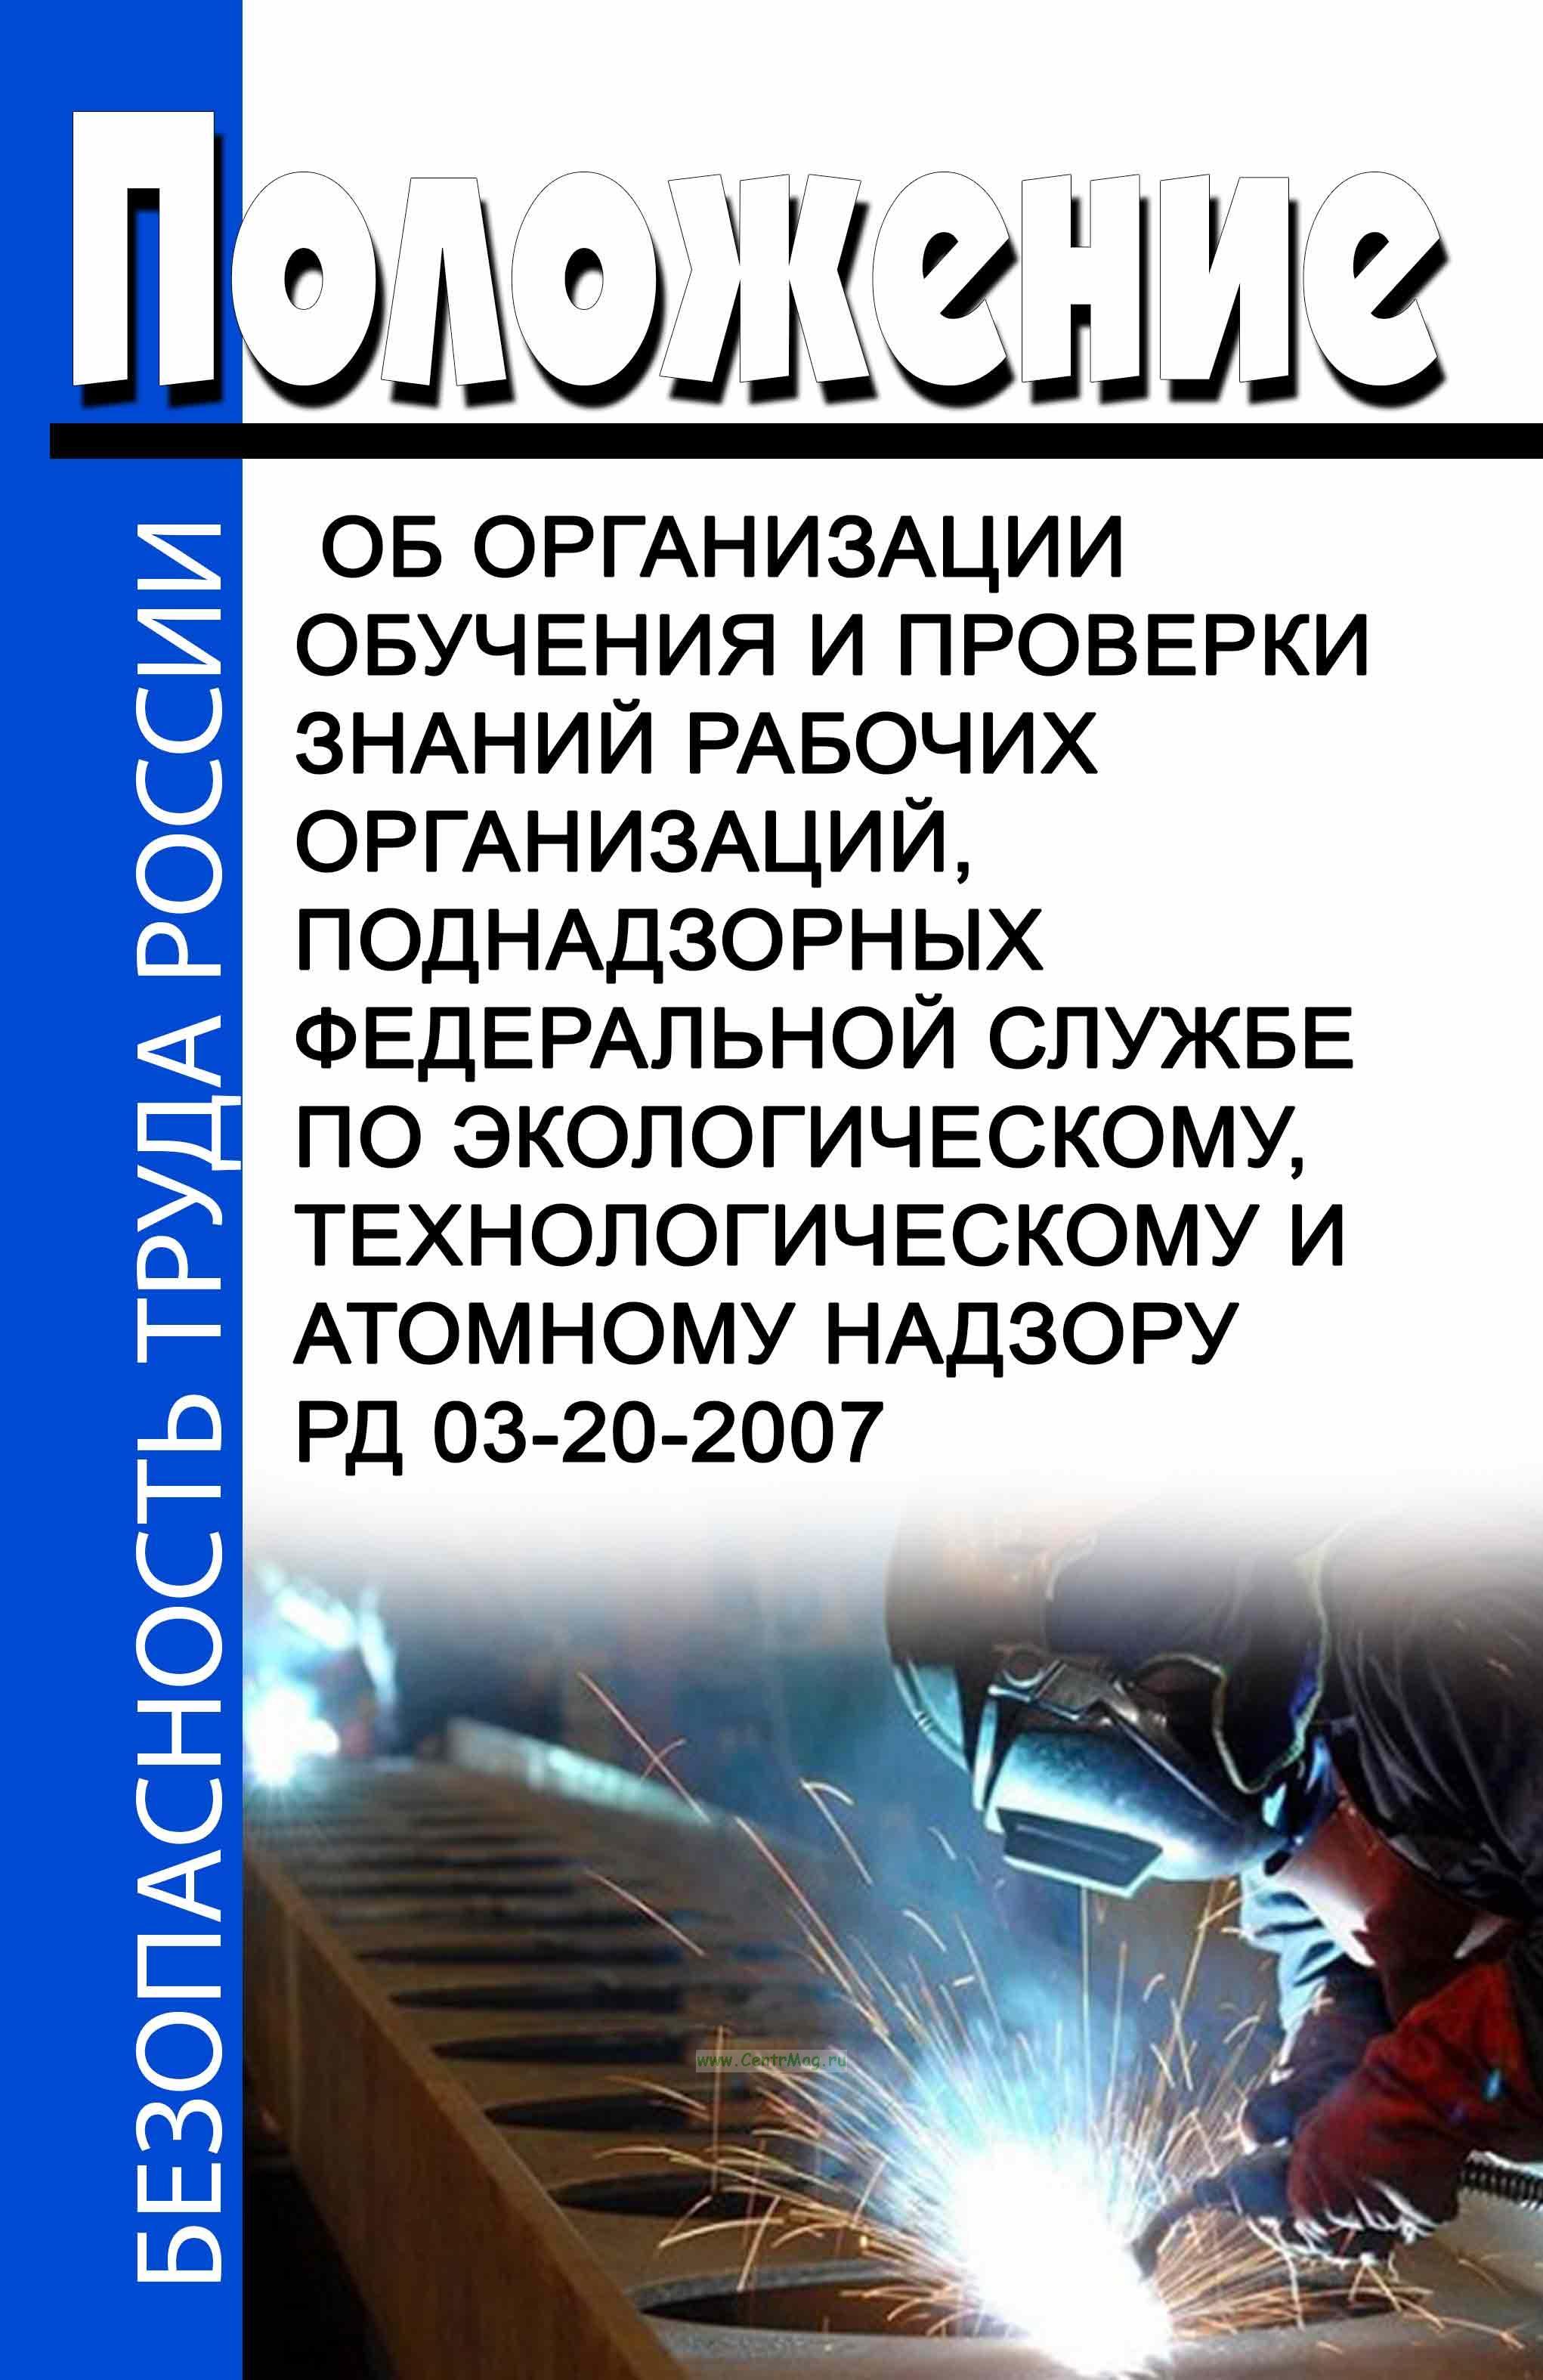 РД 03-20-2007 Положение об организации обучения и проверки знаний рабочих организаций, поднадзорных Федеральной службе по экологическому, технологическому и атомному надзору